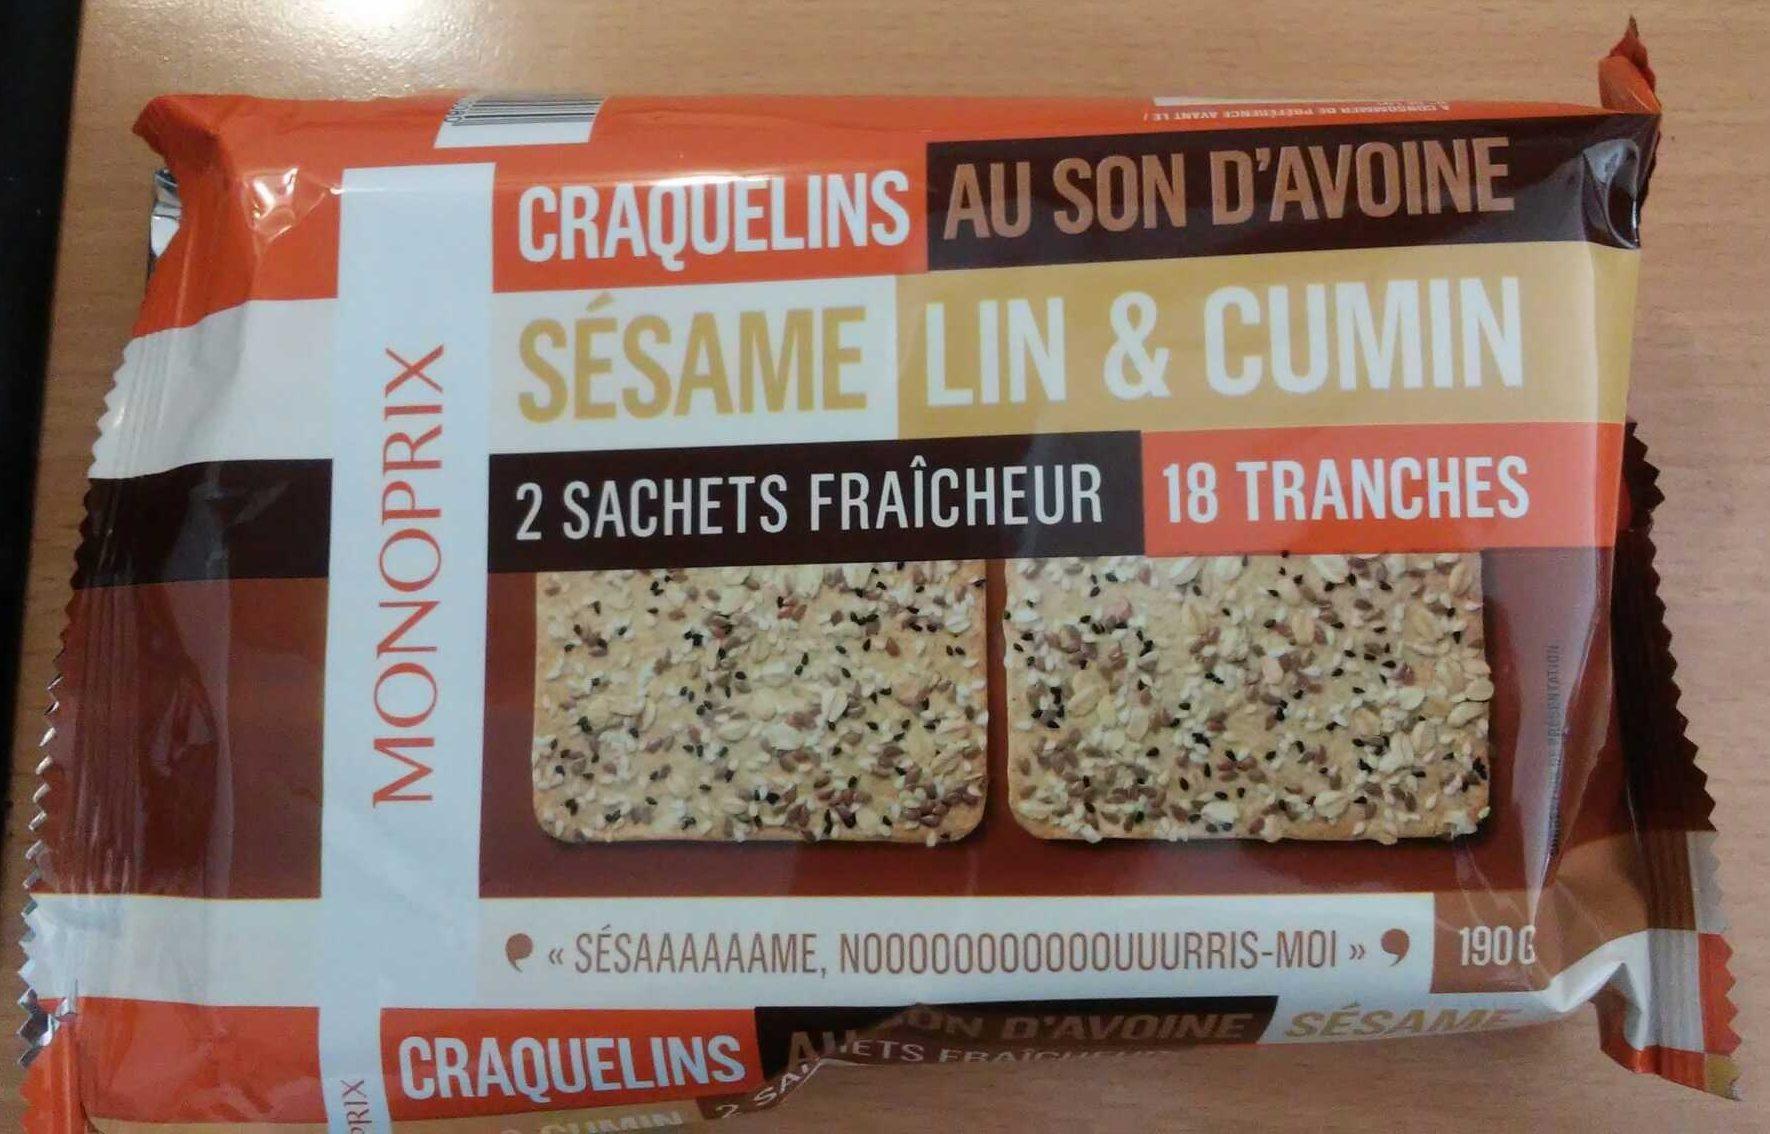 Craquelins au son d'avoine sésame lin & cumin - Product